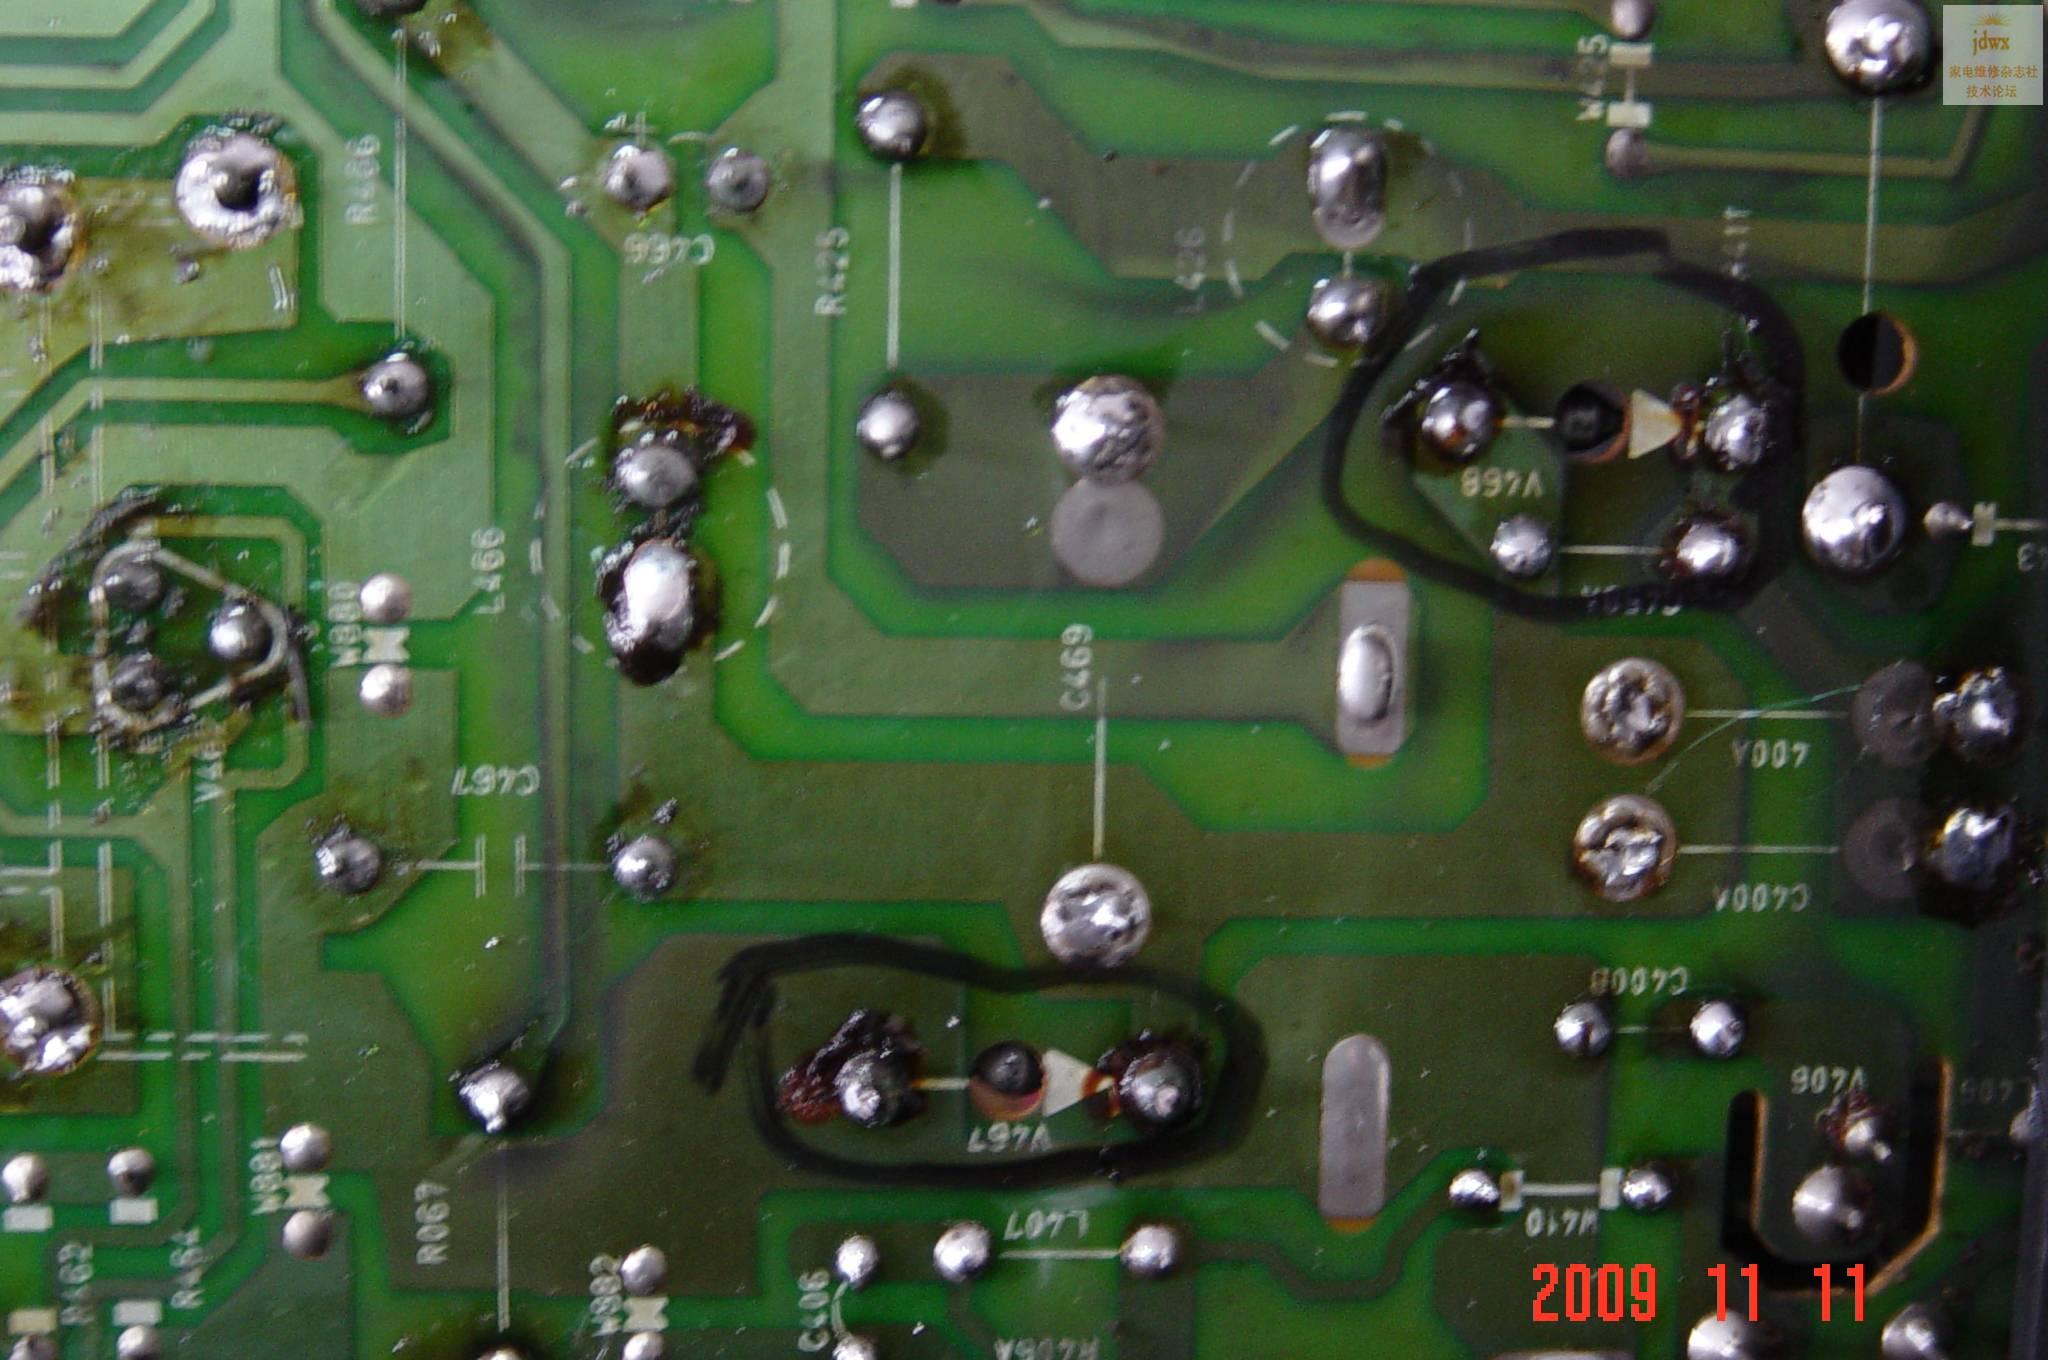 电路板 游戏截图 2048